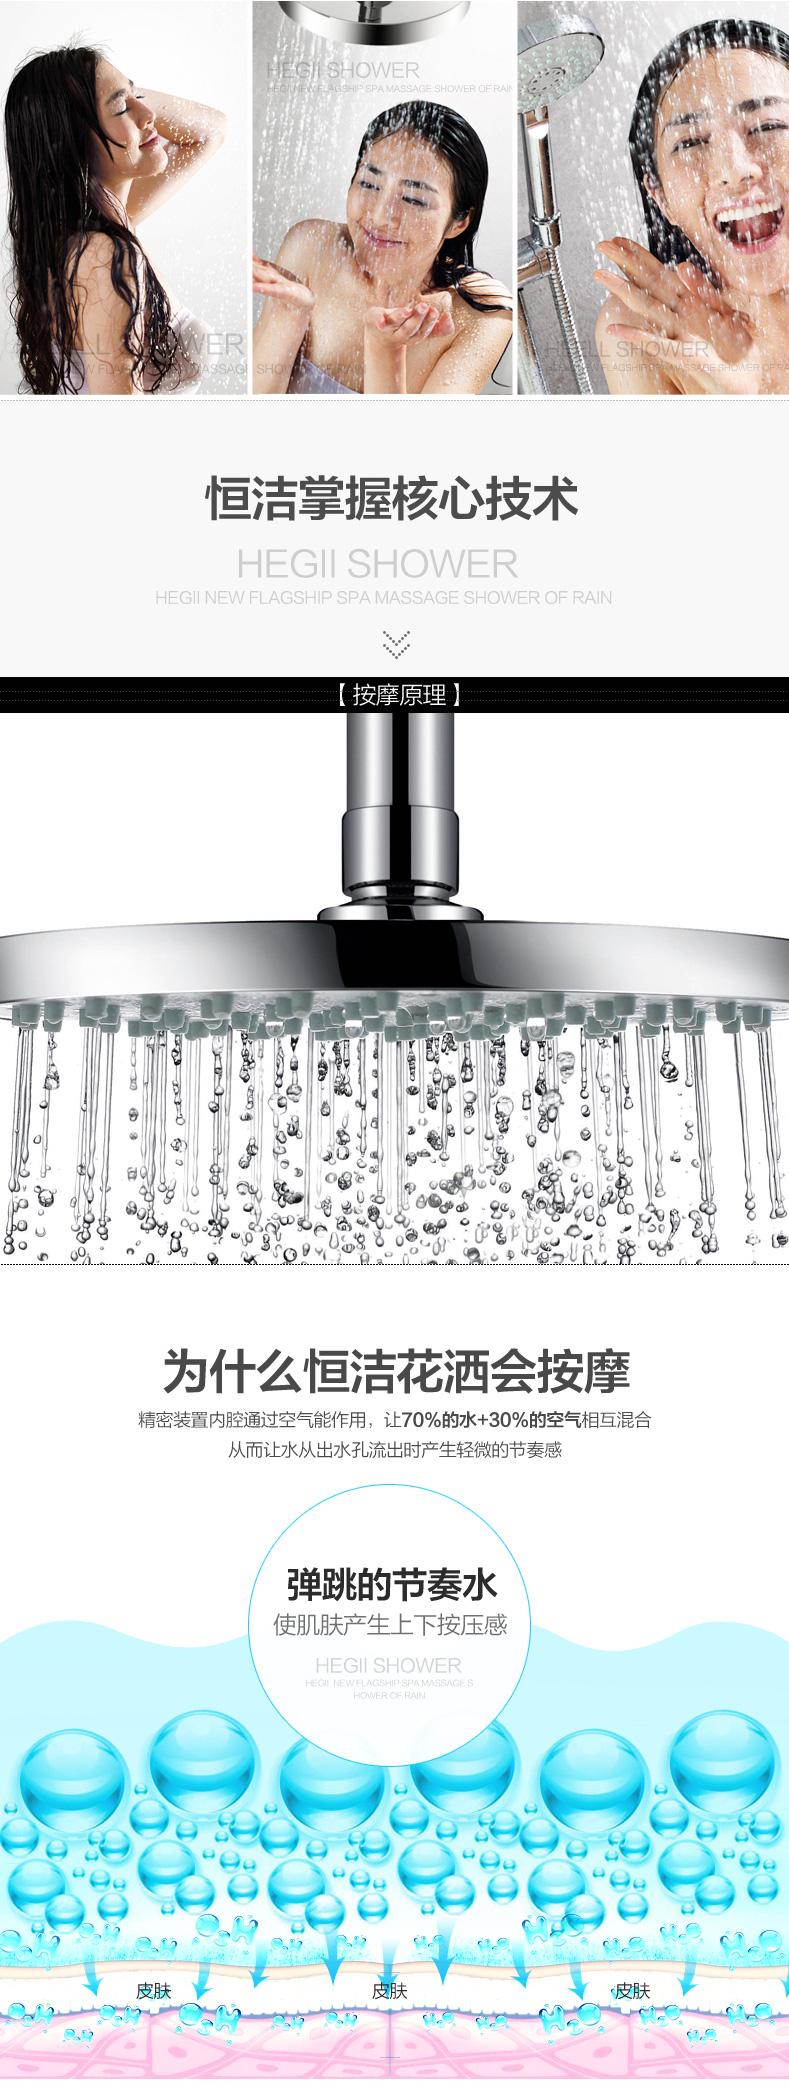 恒��-按摩淋浴花��HMF122-333D_04.jpg